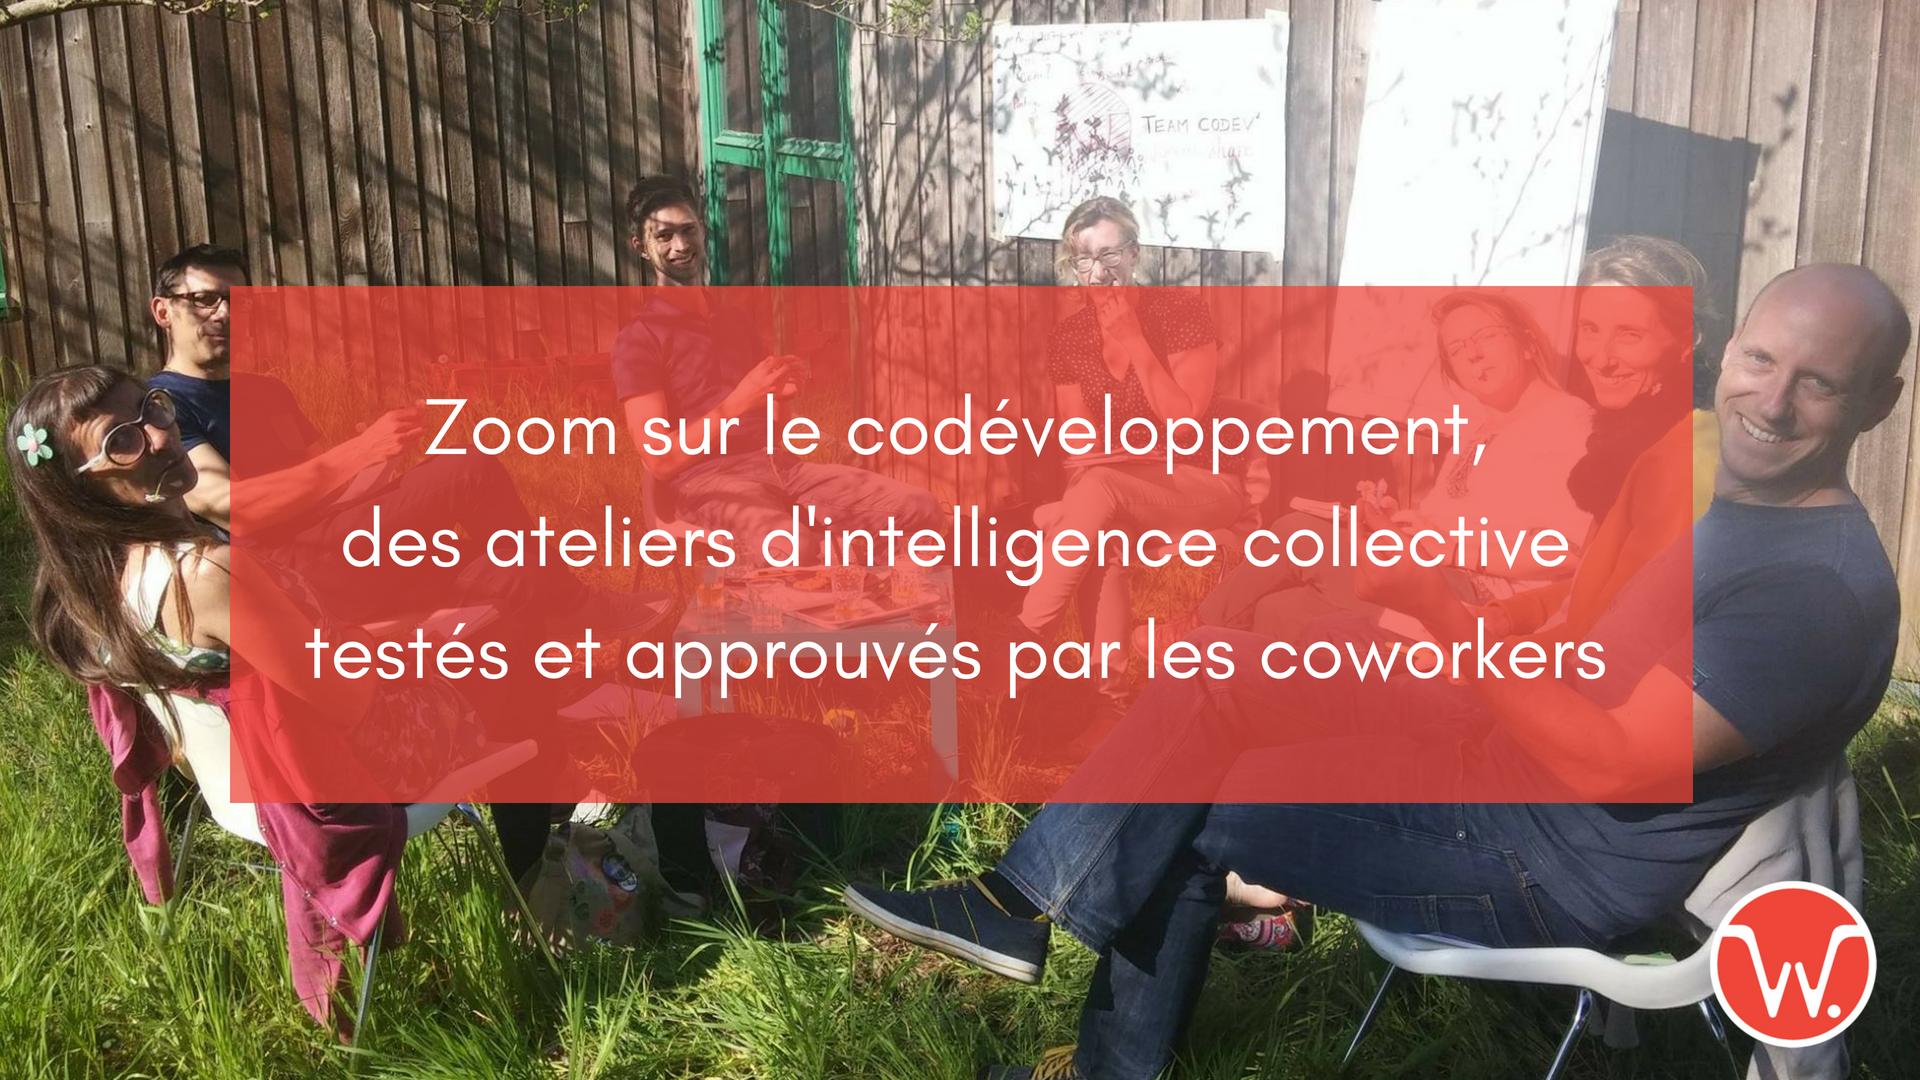 Zoom sur le codéveloppement, des ateliers d'intelligence collective testés et approuvés par les coworkers